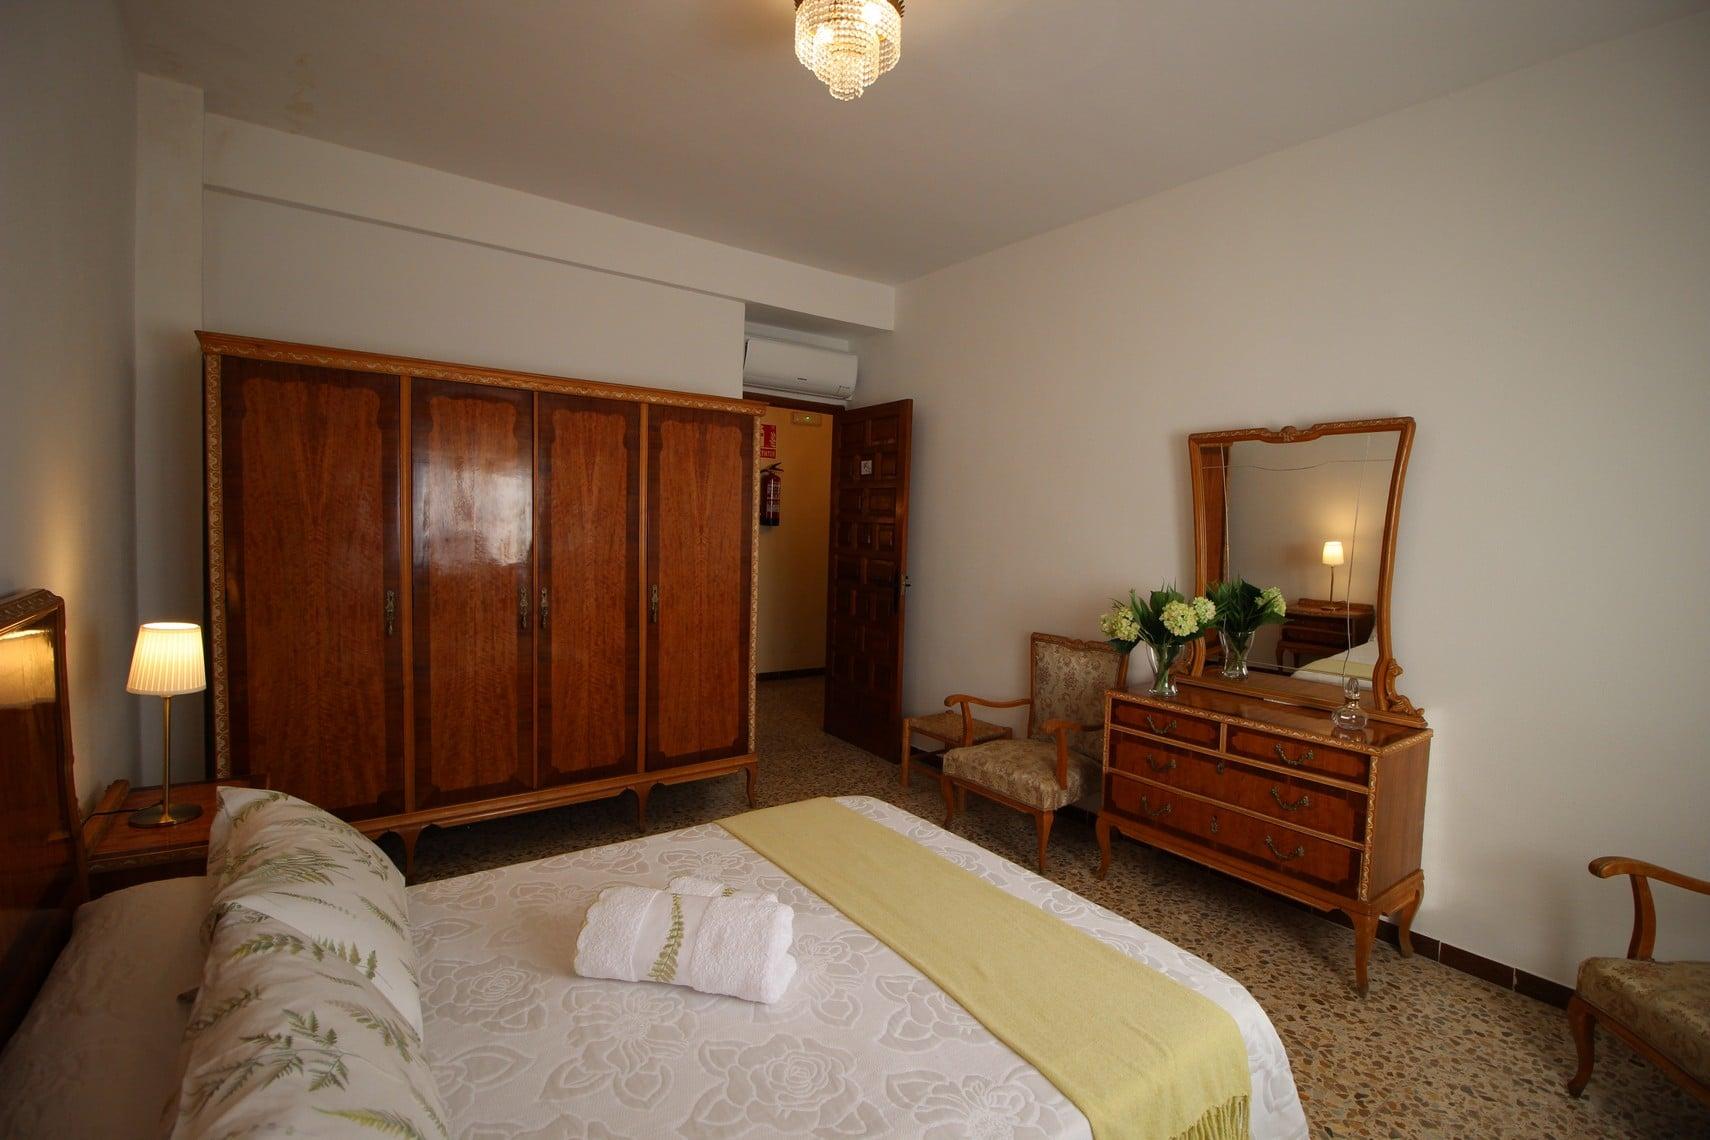 habitación2_las_hazas jarandilla004